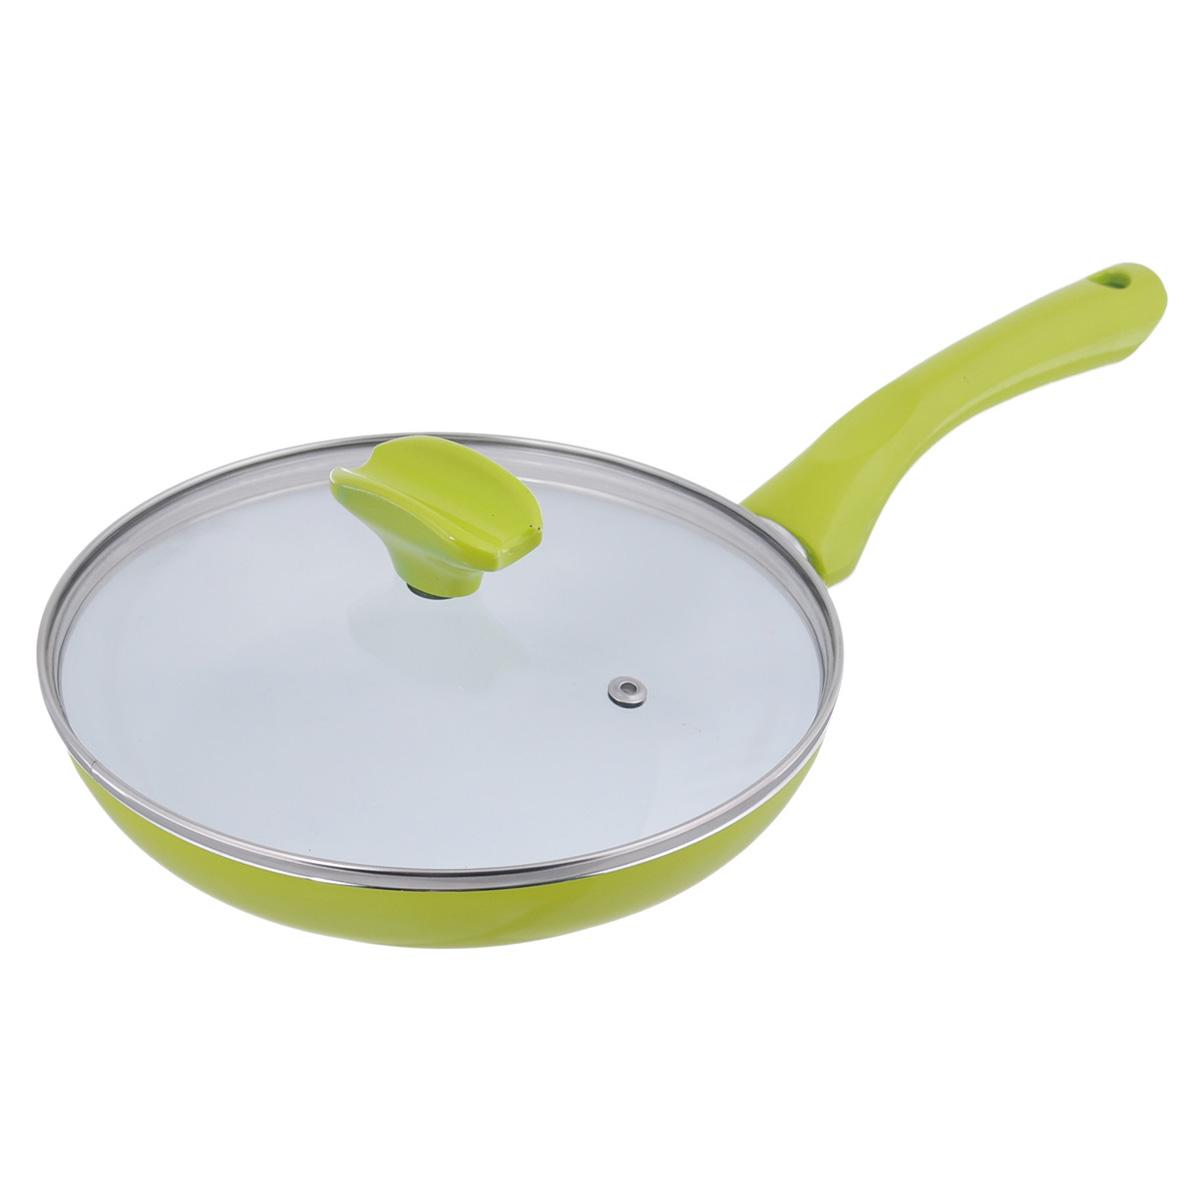 Сковорода Bekker Koch с крышкой, с керамическим покрытием, цвет: зеленый. Диаметр 22 см. BK-3713BK-3713Сковорода Bekker Koch изготовлена из алюминия с внутренним антипригарным керамическим покрытием Cera Green. Благодаря этому пища не пригорает и не прилипает к стенкам. Готовить можно с минимальным количеством масла и жиров. Гладкая поверхность обеспечивает легкость ухода за посудой. Внешнее покрытие - цветной жаростойкий лак. Изделие оснащено удобной бакелитовой ручкой, которая не нагревается в процессе готовки. Крышка изготовлена из термостойкого стекла, оснащена ободом из нержавеющей стали, ручкой и пароотводом. Такая крышка позволяет следить за процессом приготовления пищи без потери тепла. Она плотно прилегает к краю посуды, сохраняя аромат блюд. Сковорода подходит для использования на всех типах кухонных плит, кроме индукционных. Можно мыть в посудомоечной машине.